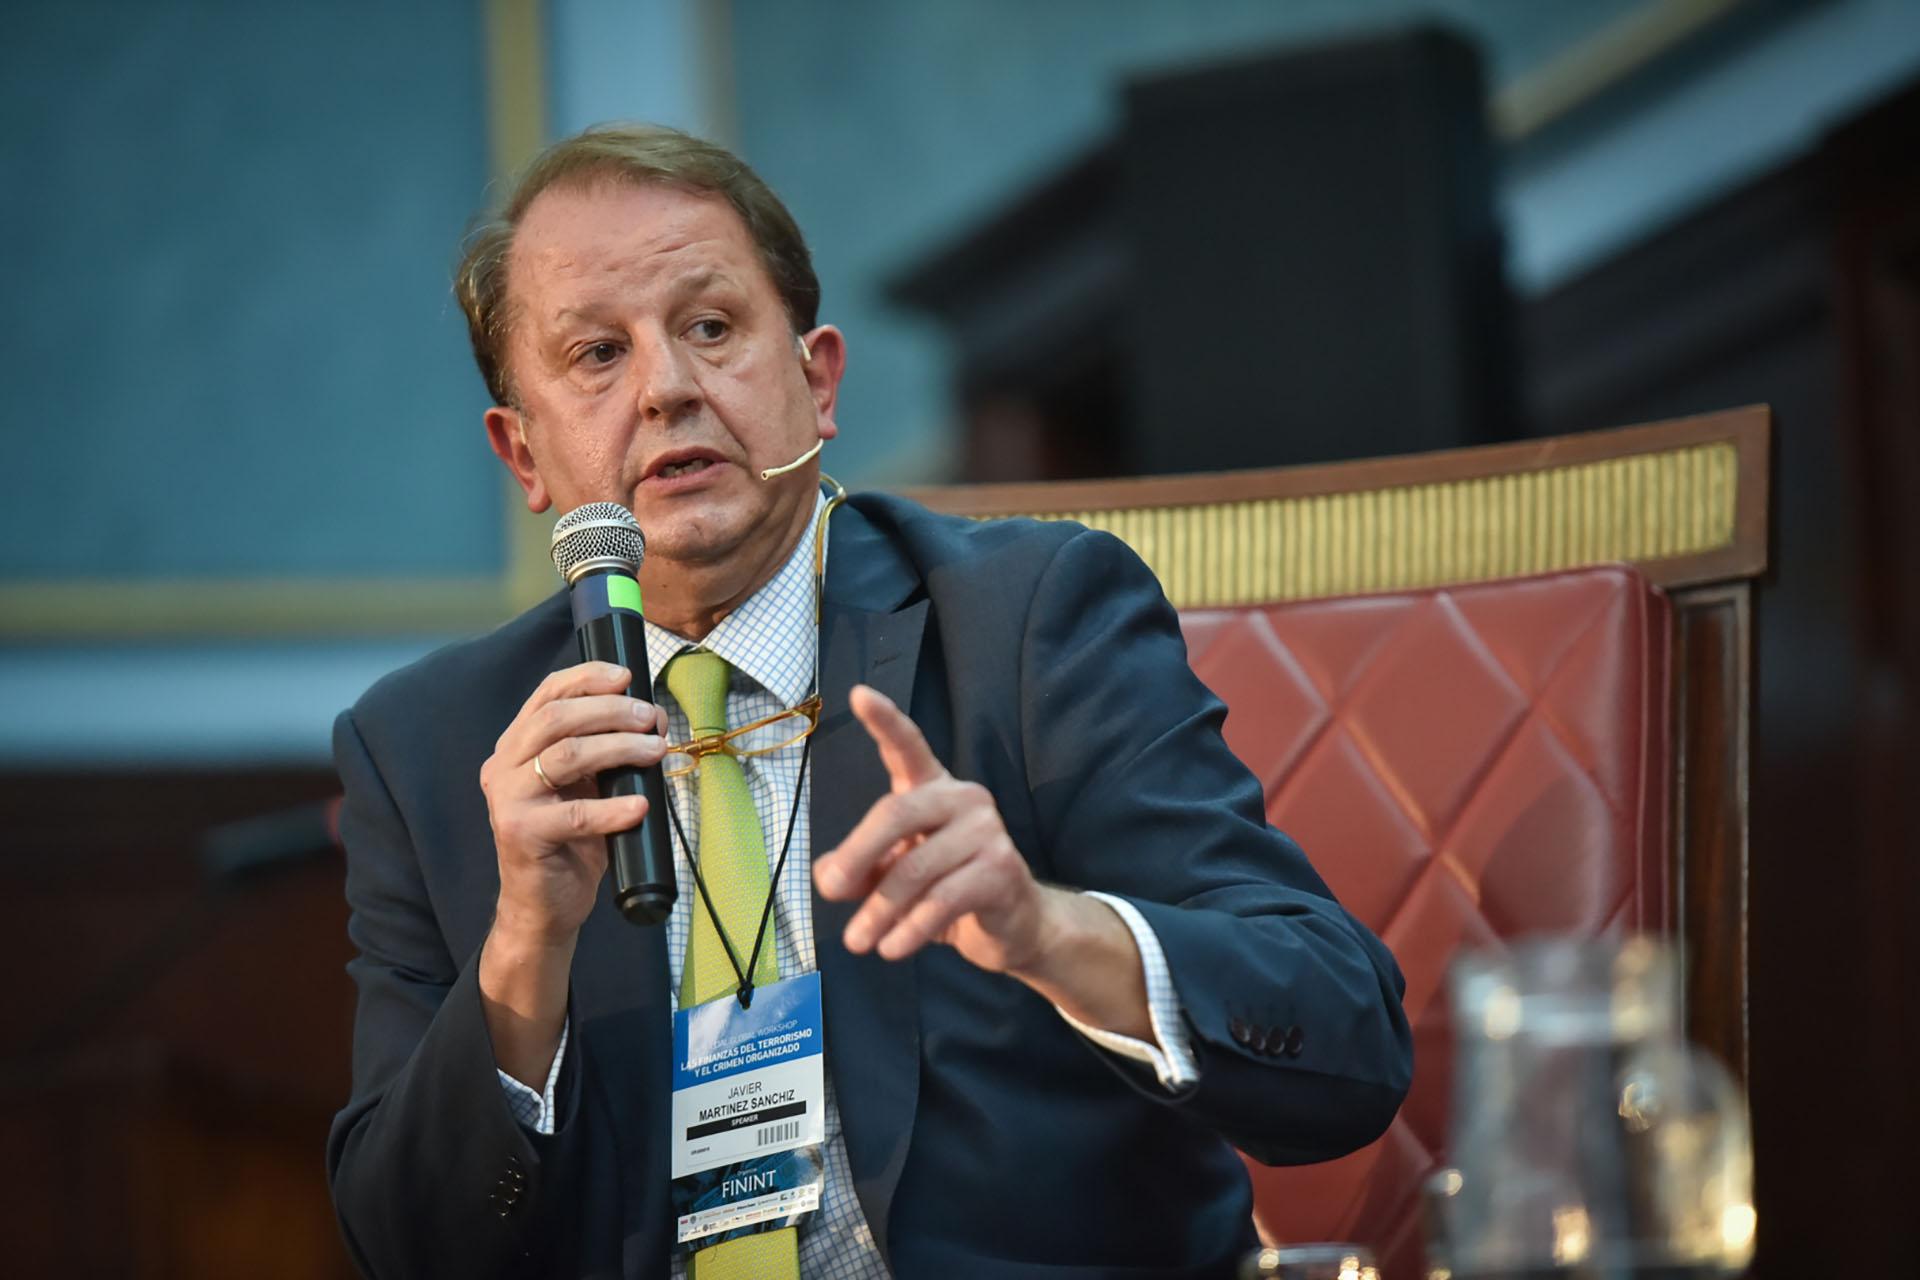 Javier Martínez Sánchis, asesor legal del directorio ejecutivo del Comité contra el Trrorismo del Consejo de Seguridad de las Naciones Unidas.